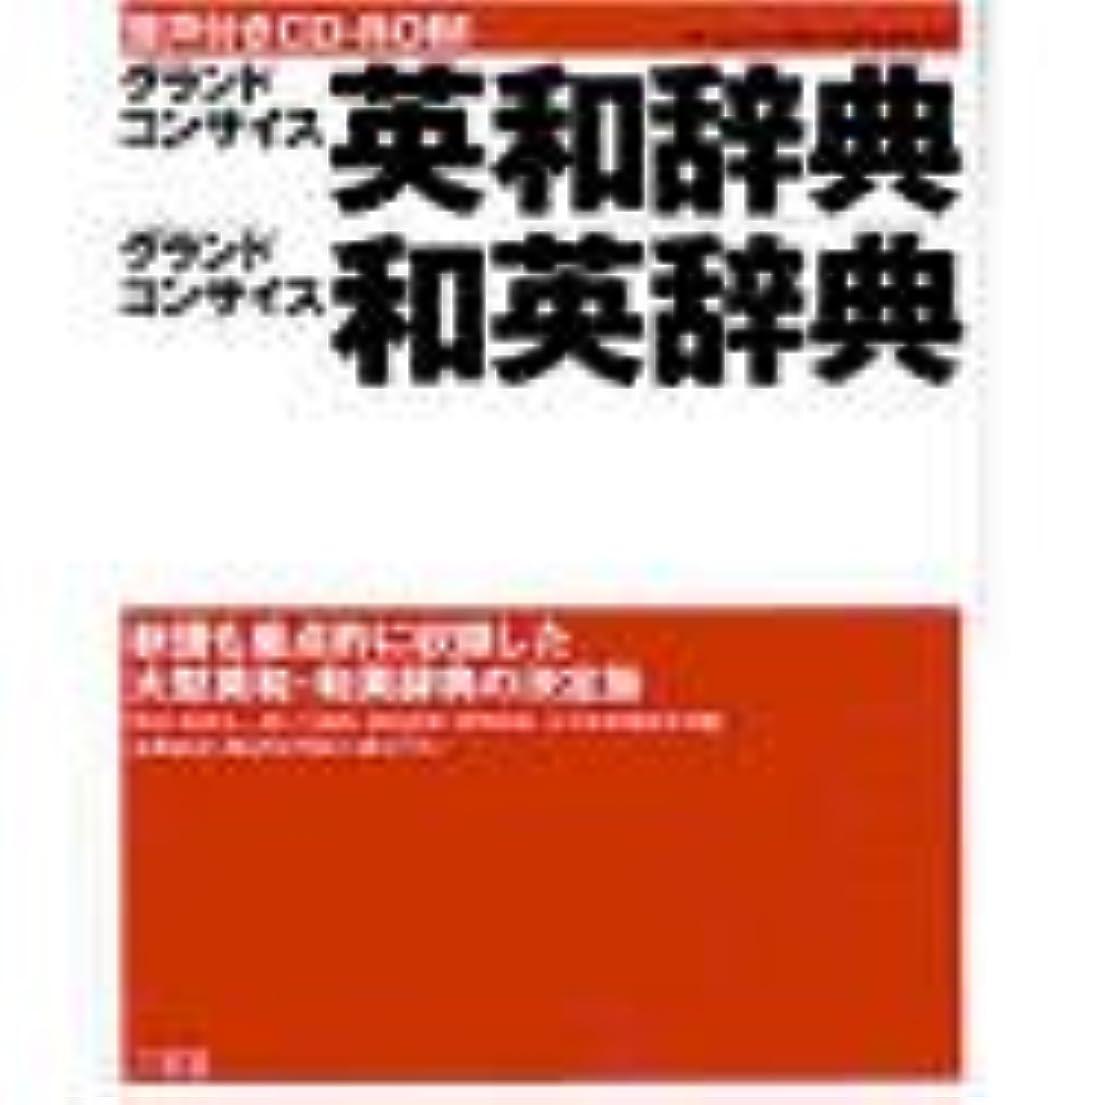 通信網理由バン音声付きCD-ROM グランドコンサイス英和辞典?グランドコンサイス和英辞典